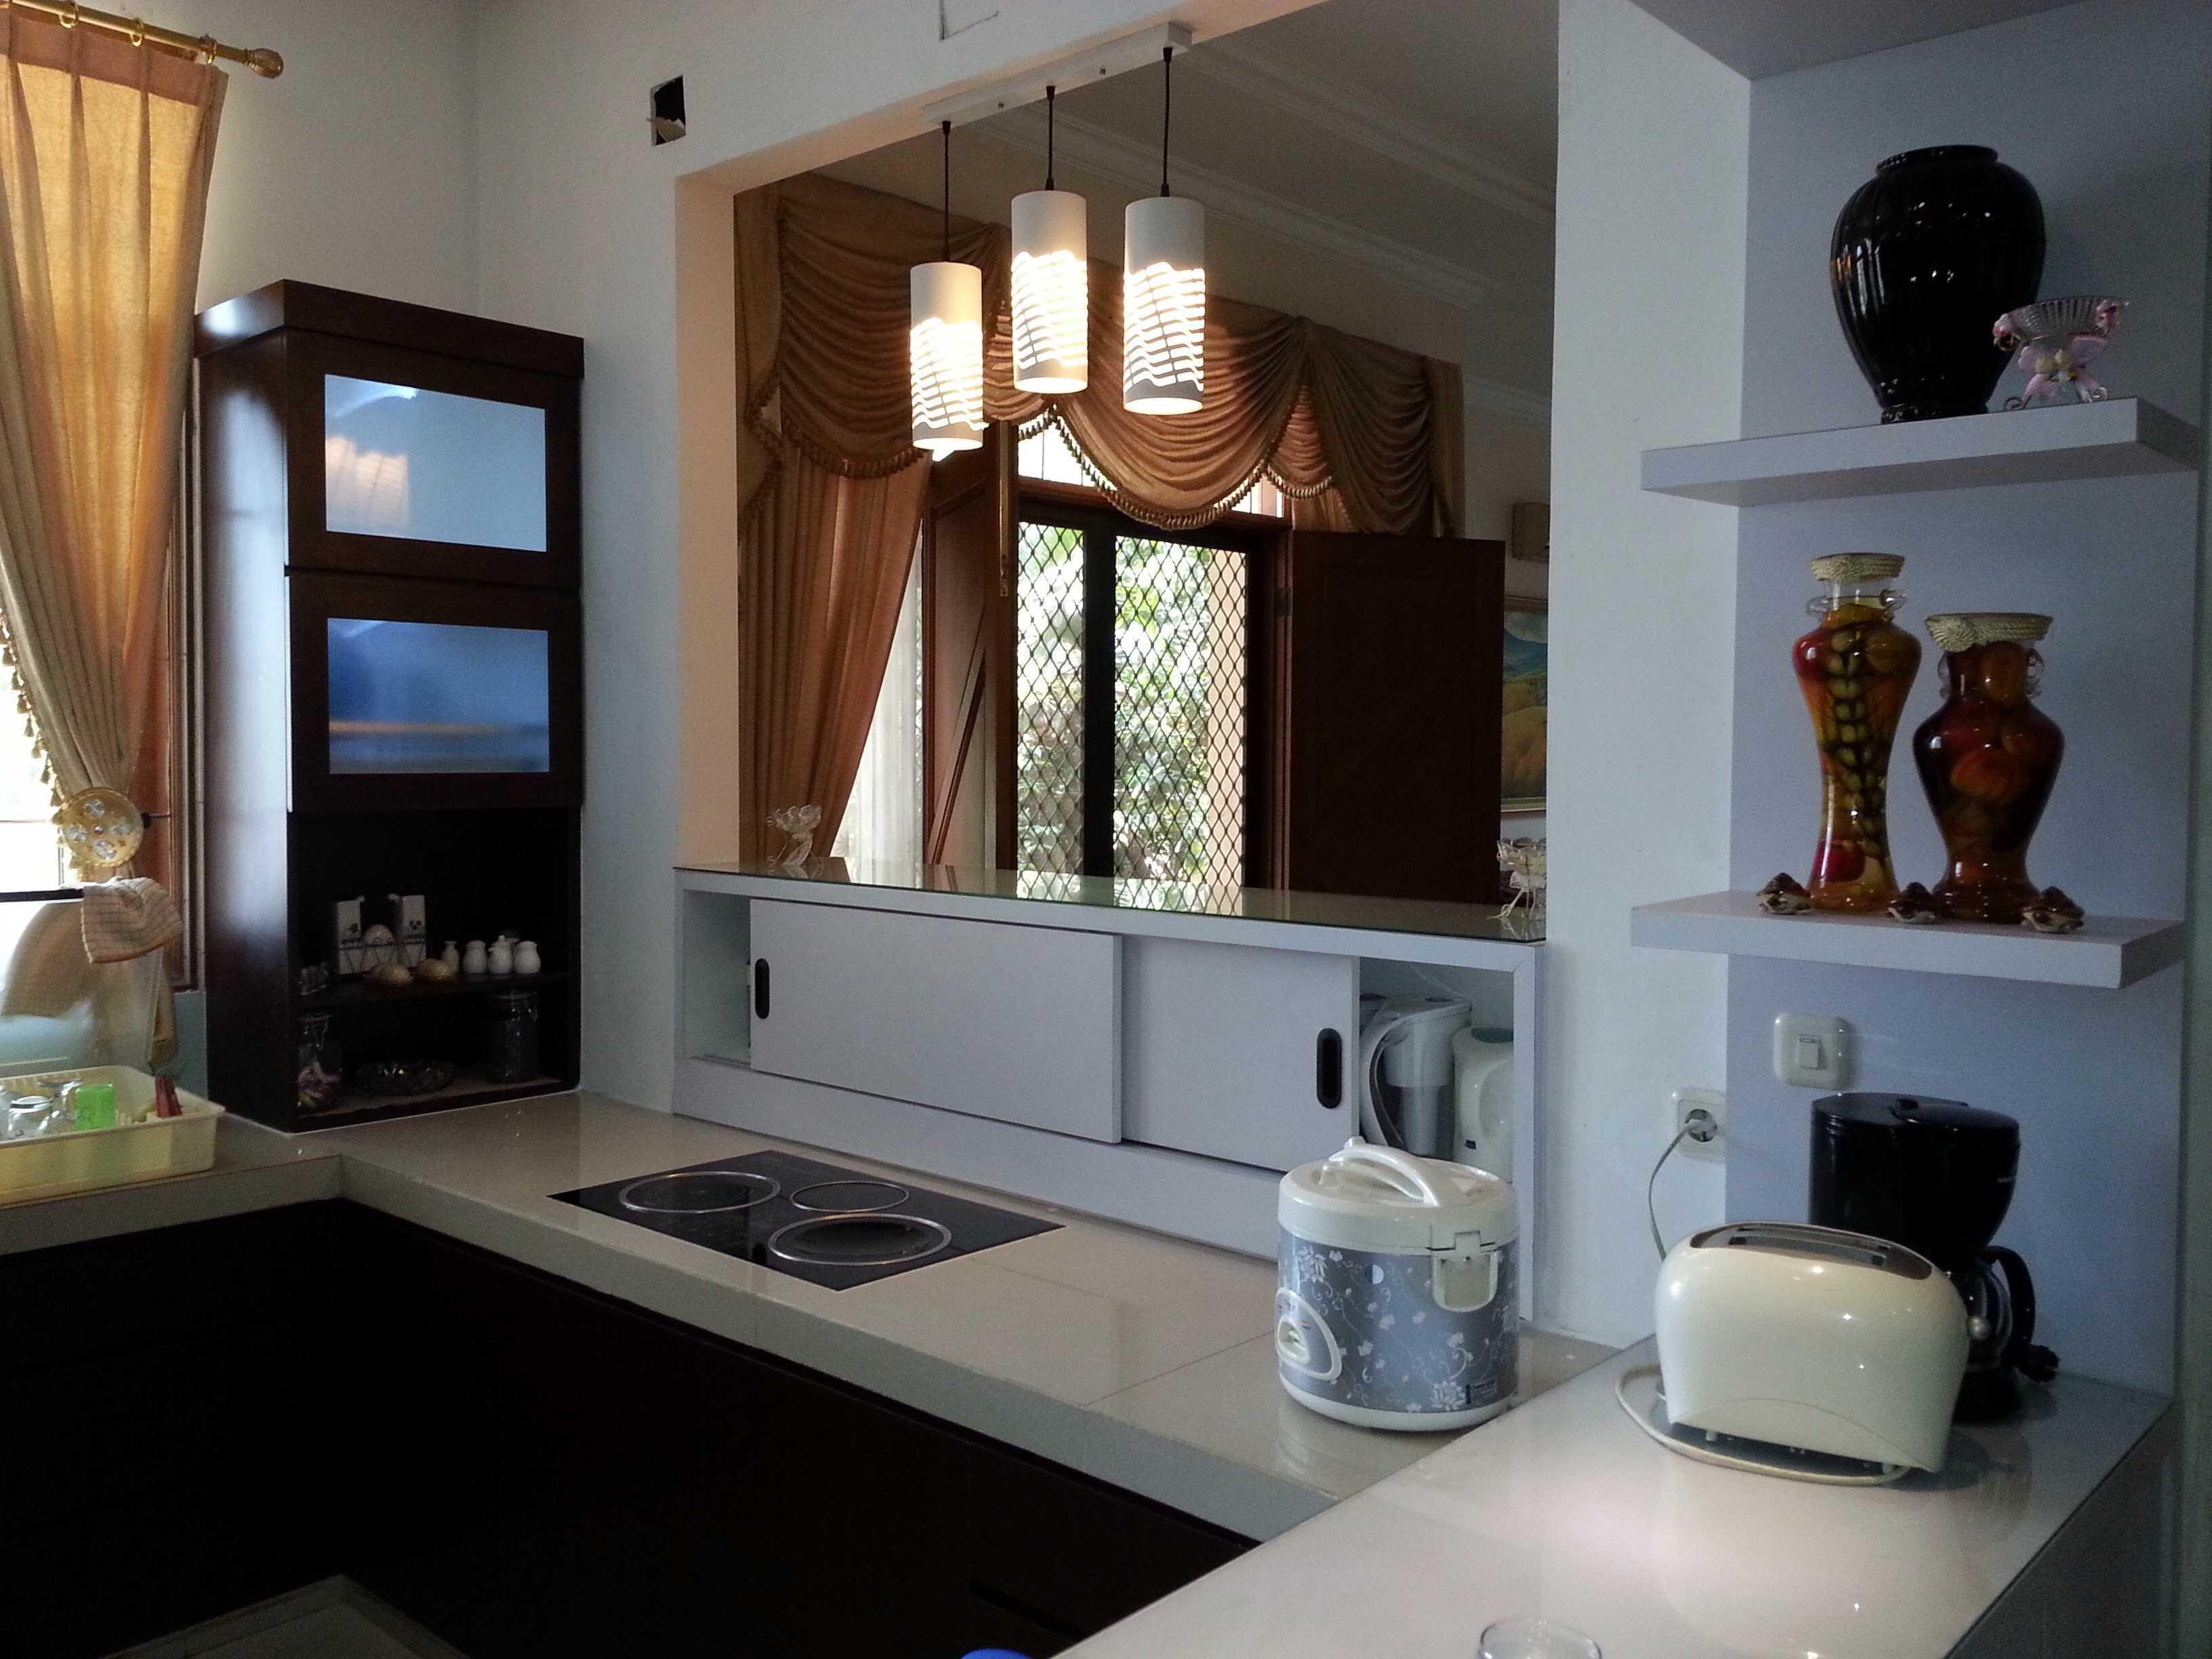 R-E Design Rumah Tinggal Depok Depok Kitchen Area   25154